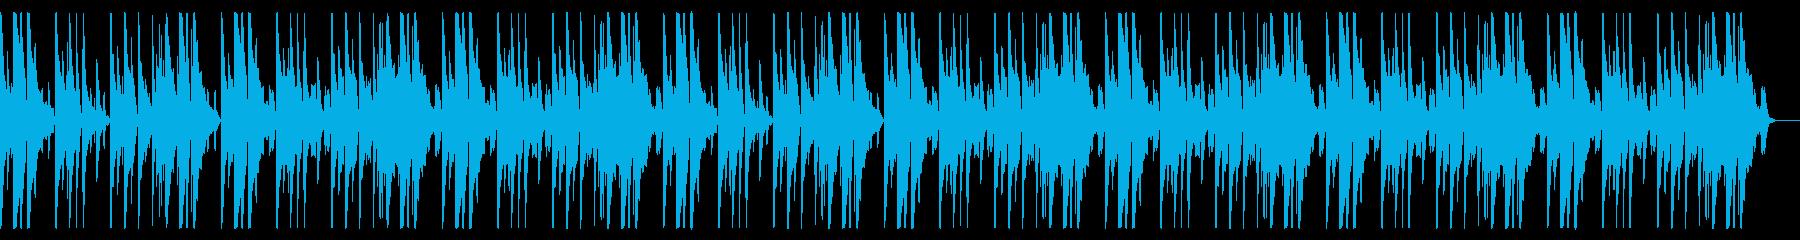 明るく切ないピアノメインのBGMaの再生済みの波形